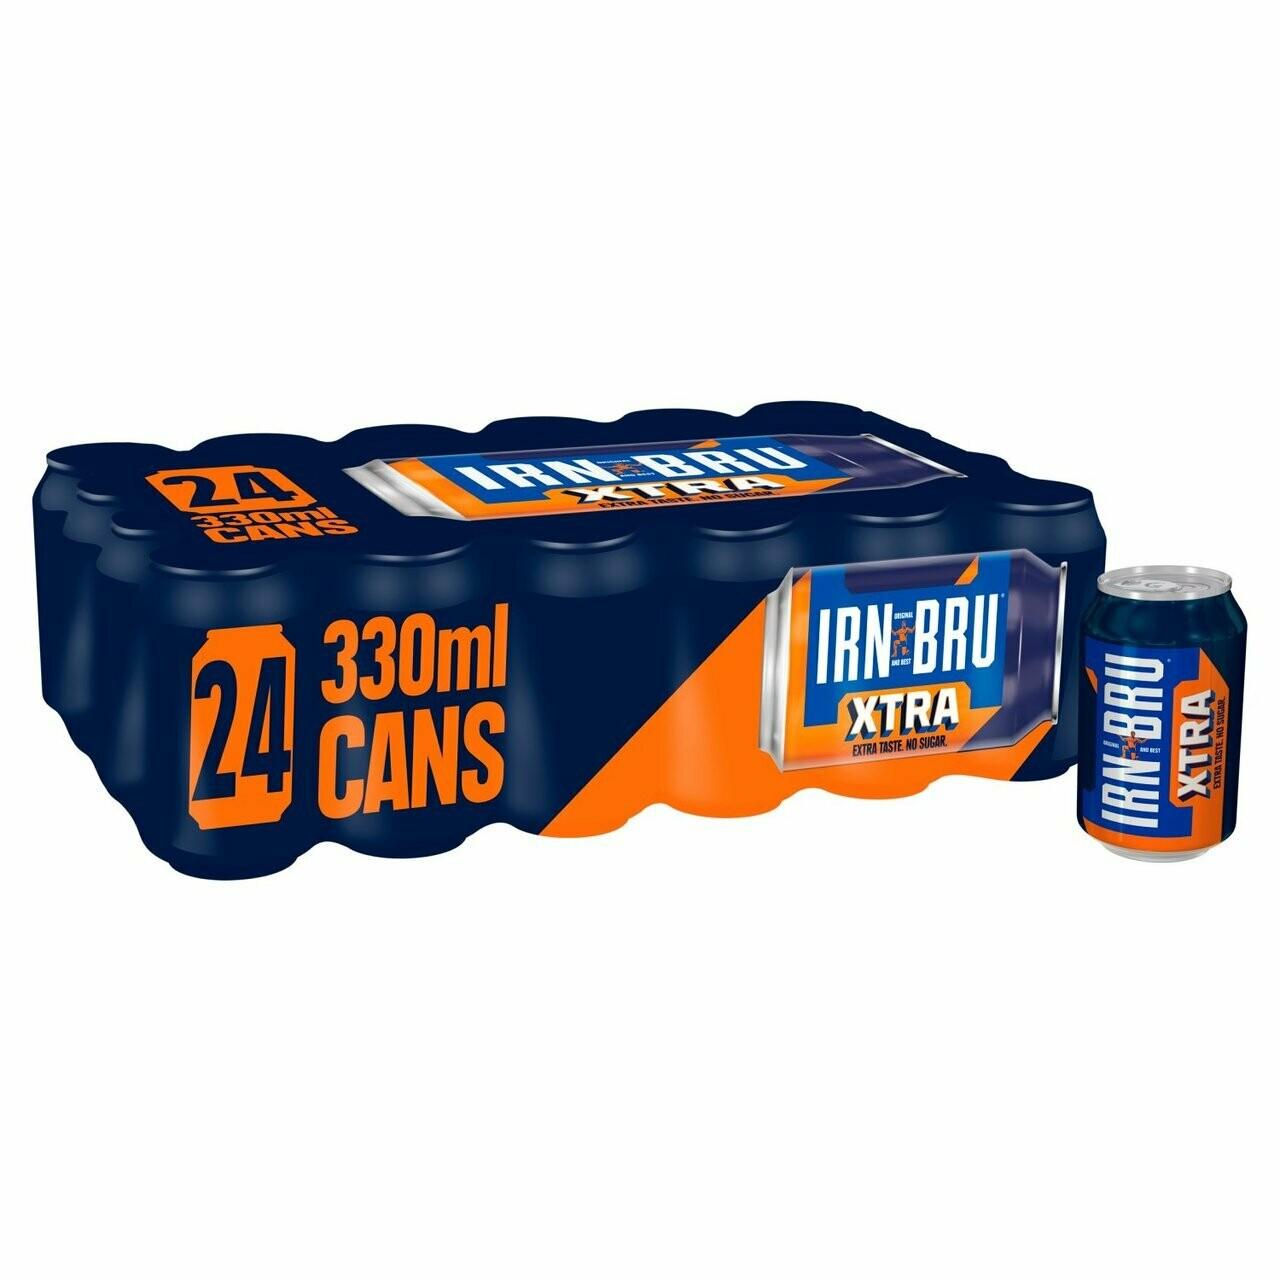 IRN-BRU Xtra Sugar Free Soda Drink 330ml Can [CASE OF 24]